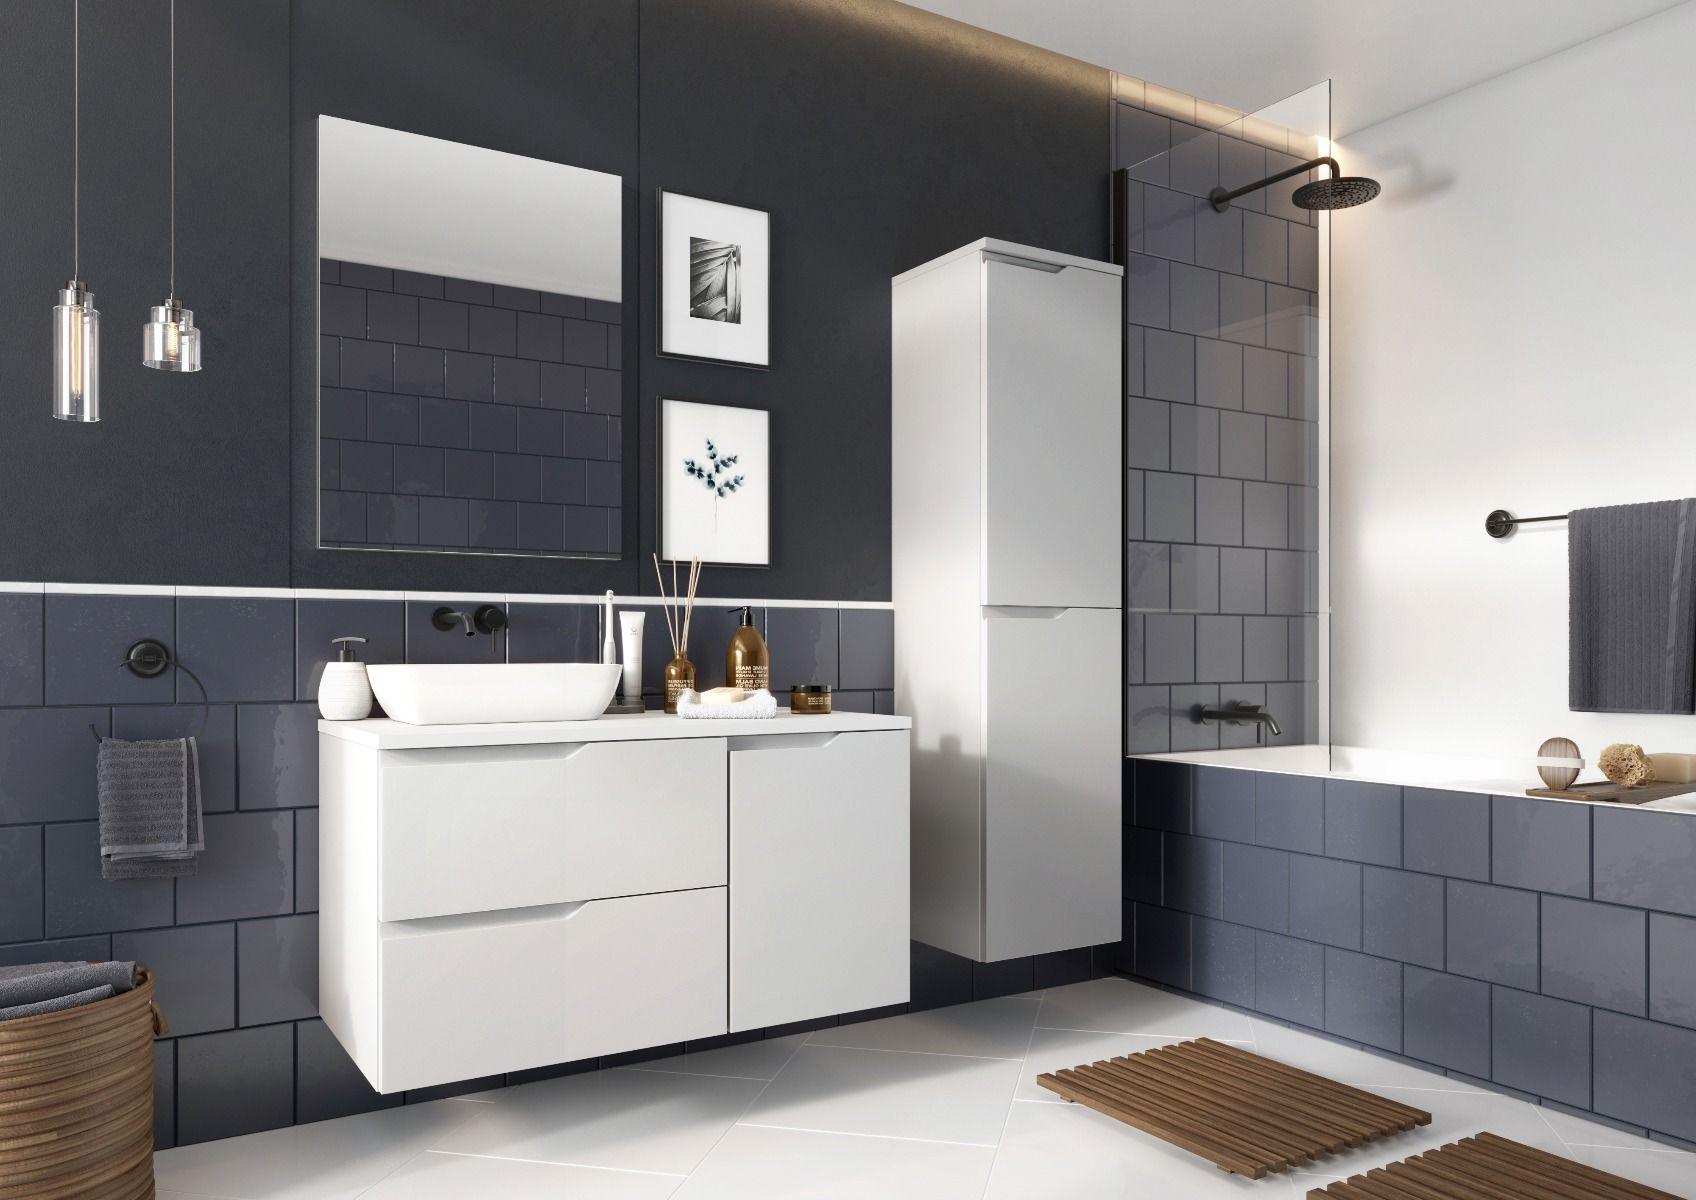 Szafka łazienkowa NICEA D40 L biała  Kupuj w Sprawdzonych sklepach